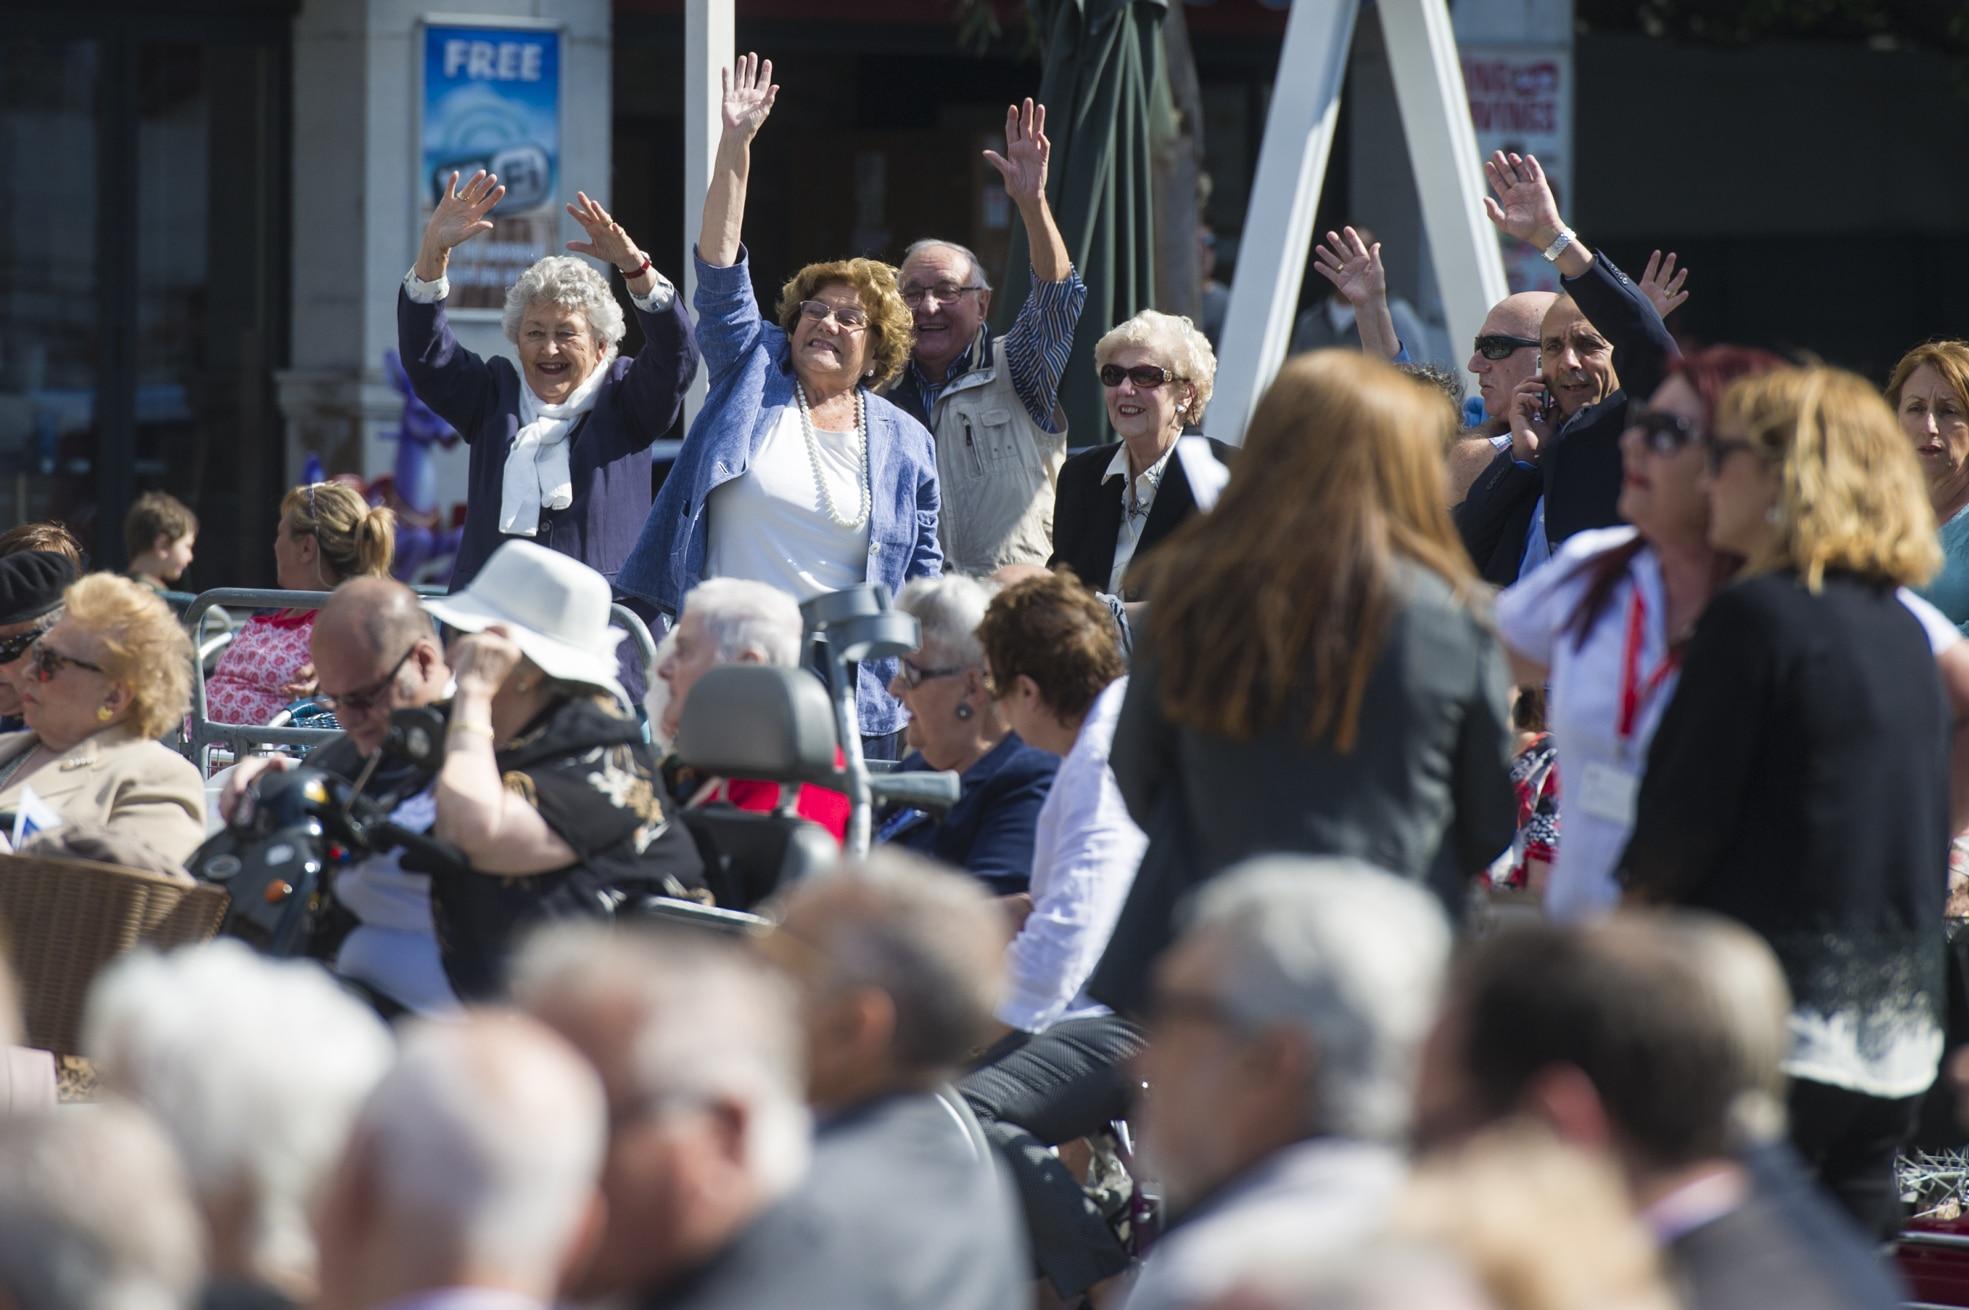 ceremonia-75-anos-evacuacion-gibraltar-22052015-06_17995951681_o